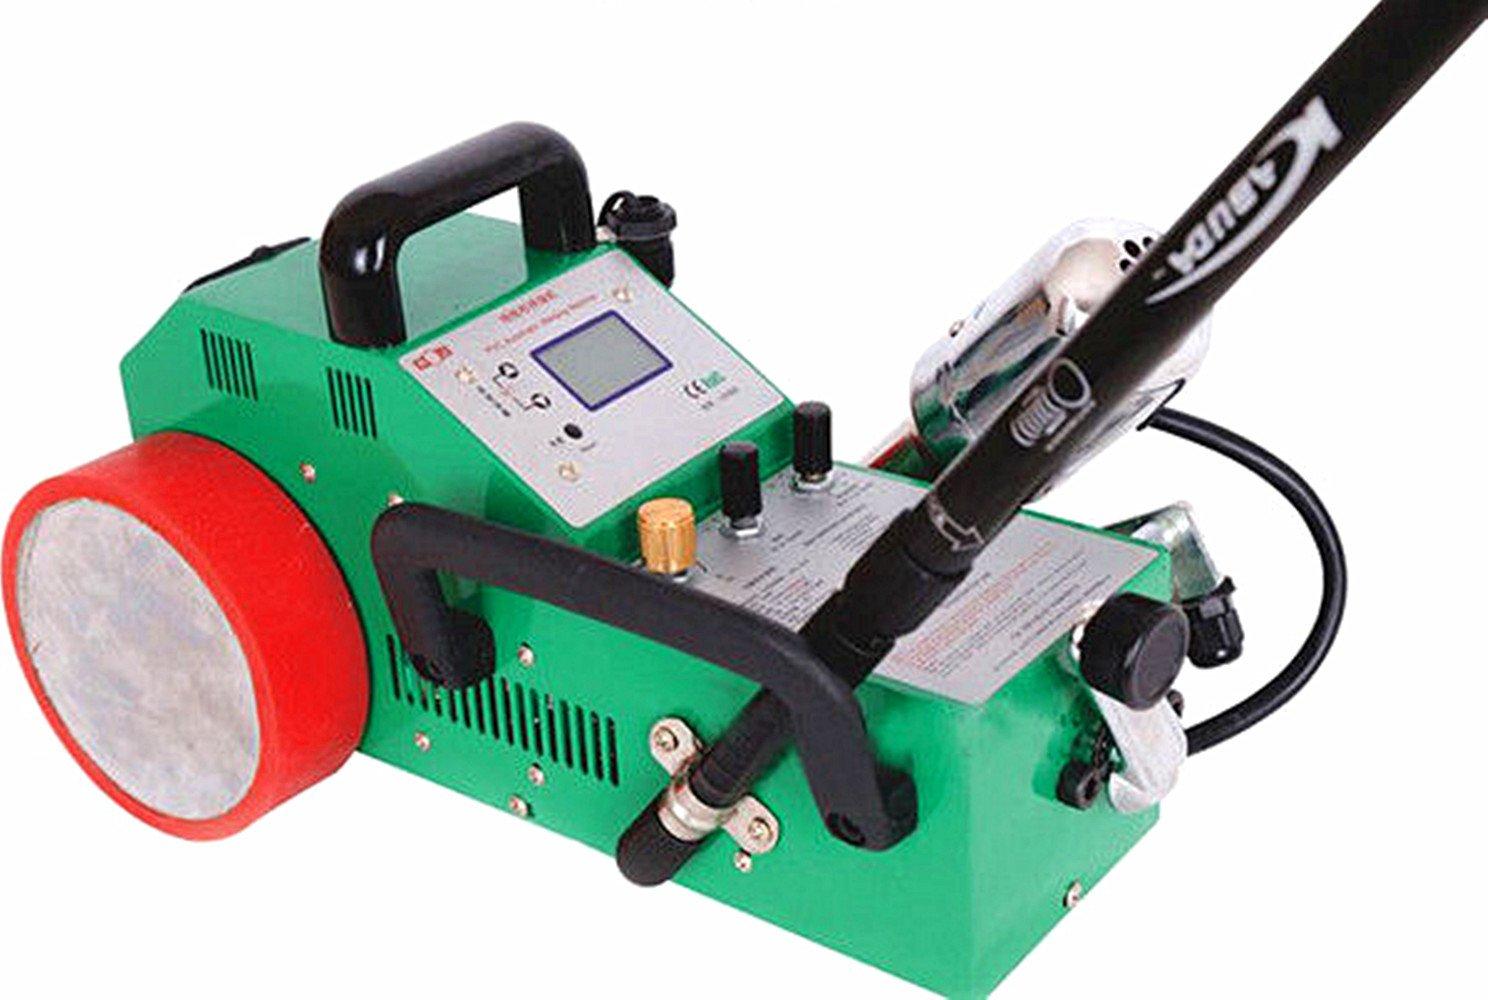 lc-3000 C PVC máquina de soldadura automática Banner Soldador Calentador 110 V o 220 V 220V: Amazon.es: Hogar